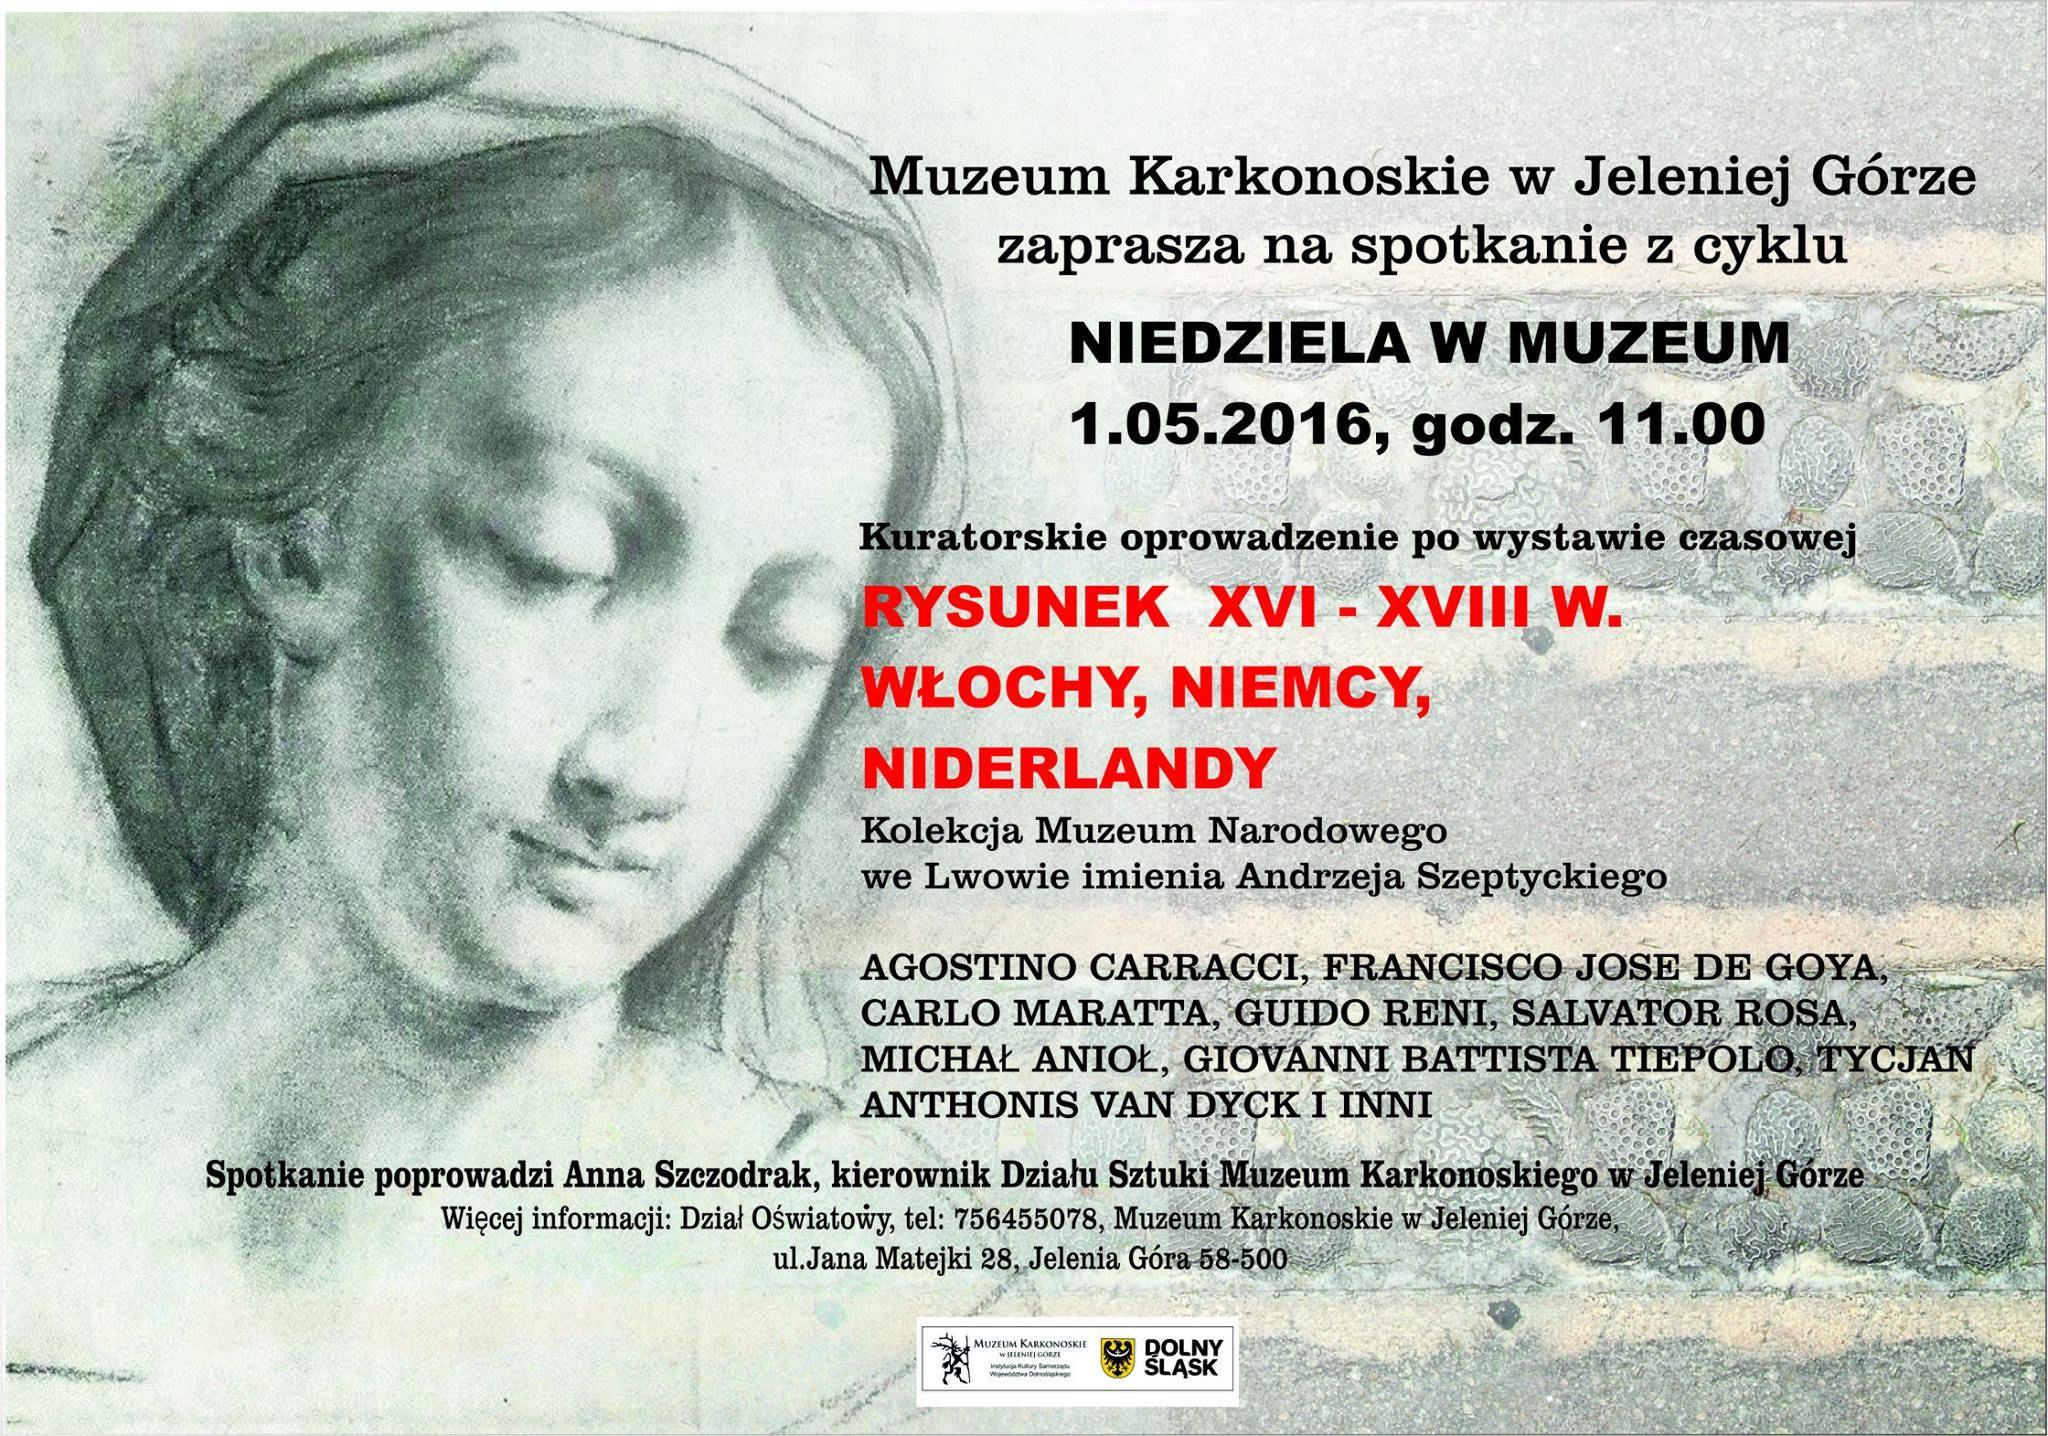 MuzeumKarkonoskie_Niedziela_w_Muzeum